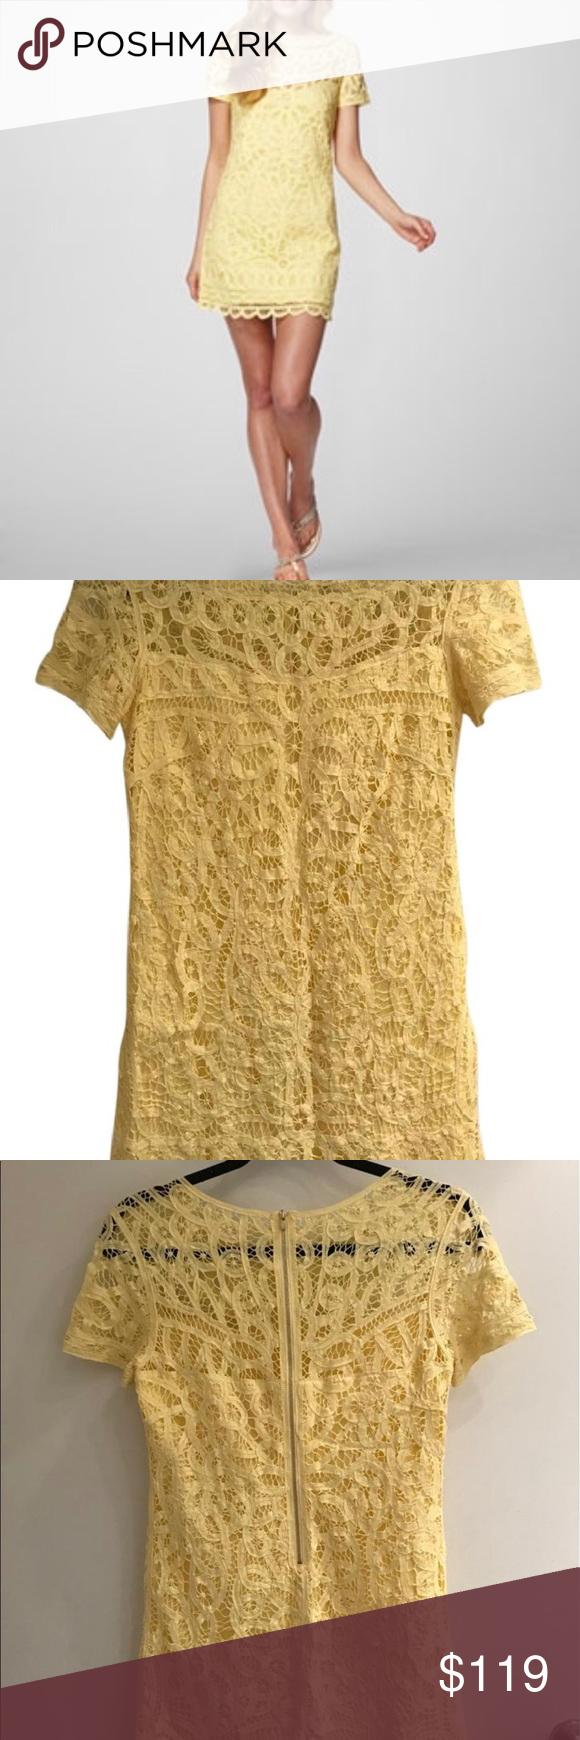 Lilly pulitzer mariekate dress yellow lace dress like new